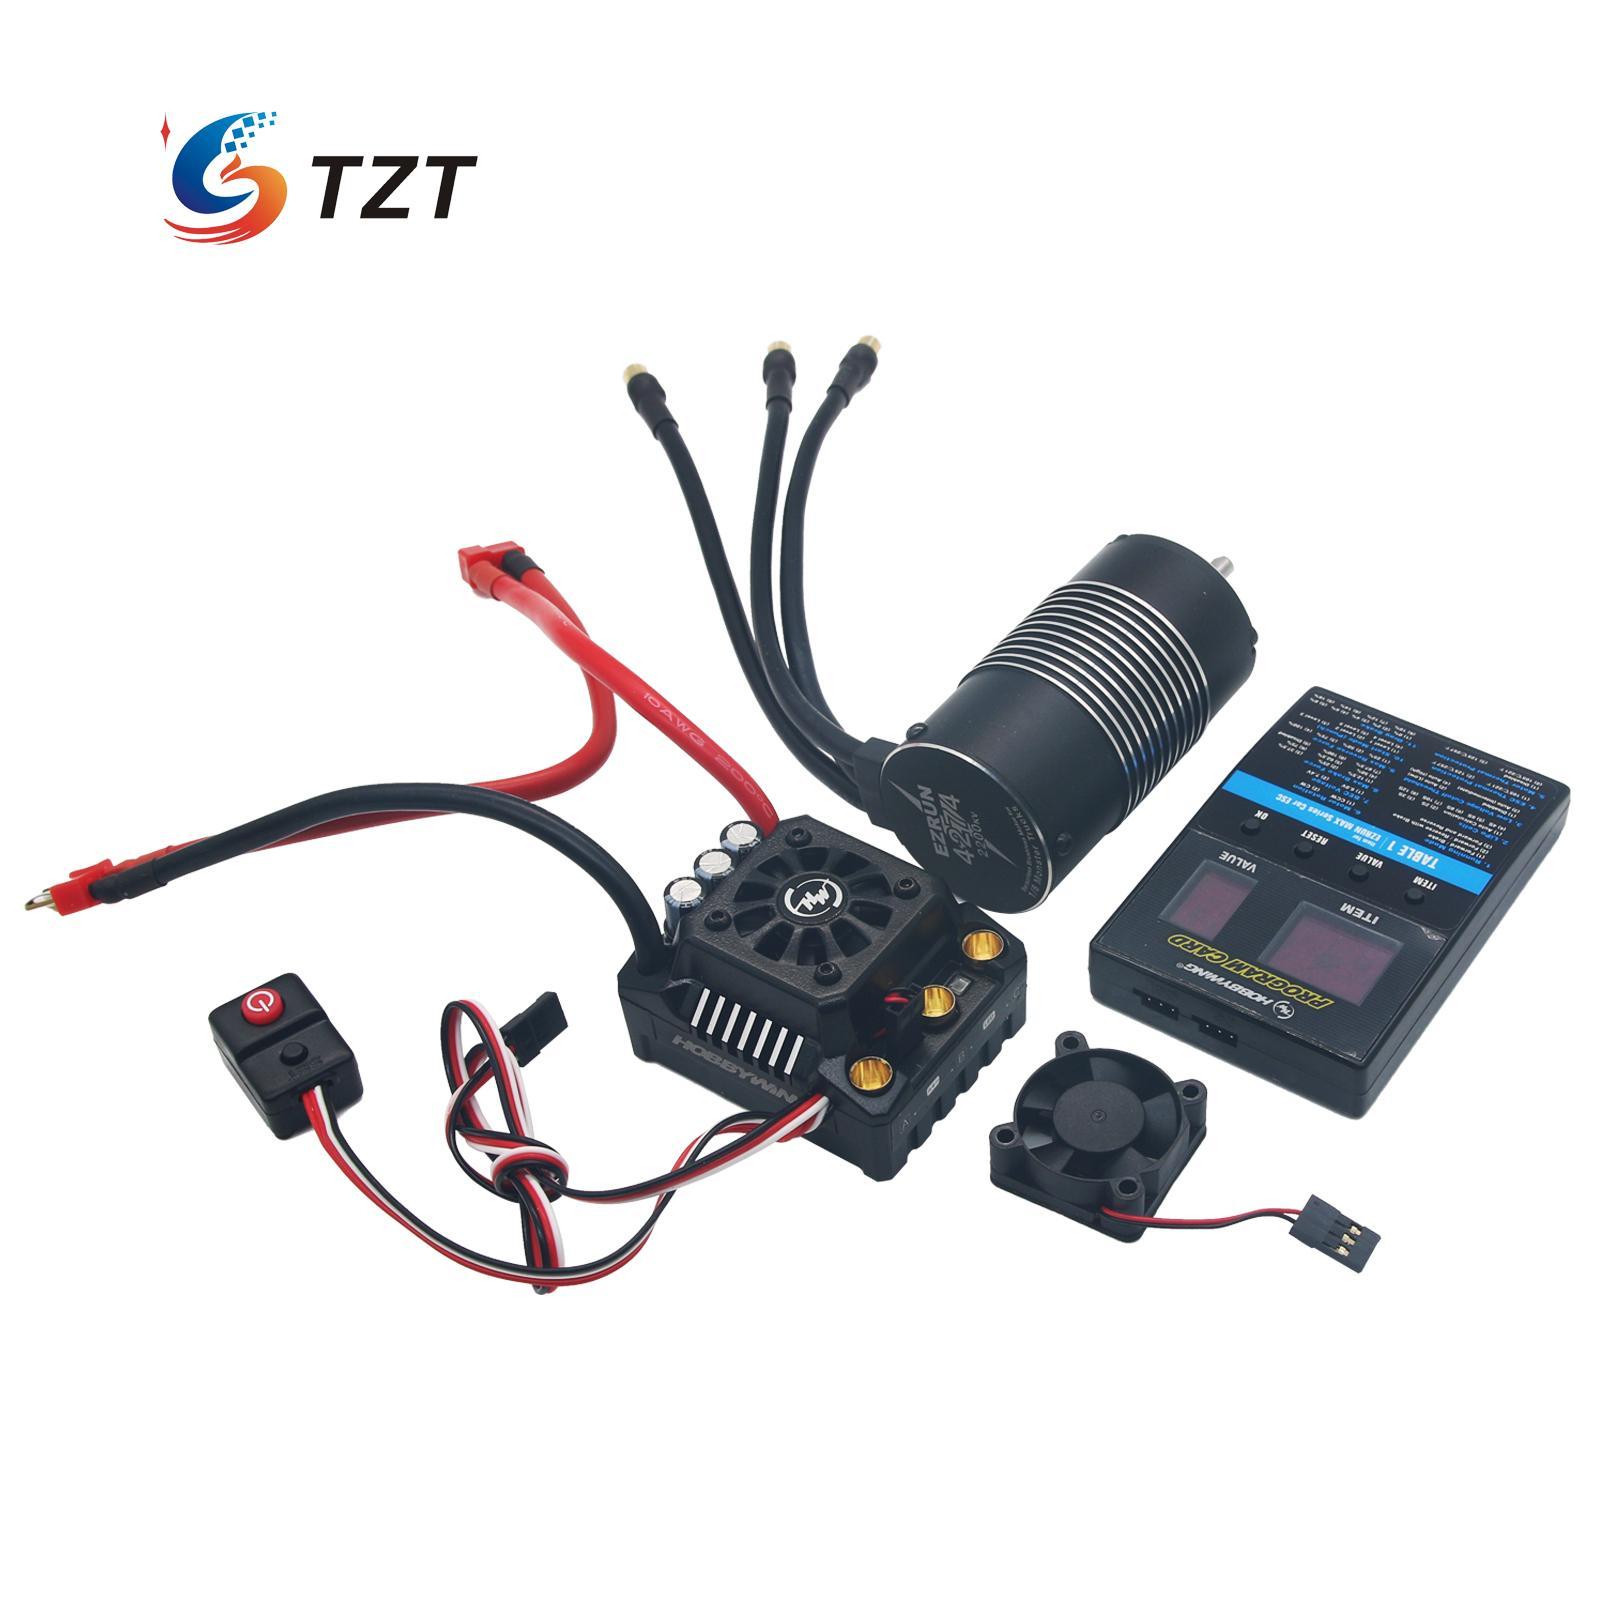 Hobbywing EzRun Max8 V3 150A Brushless ESC TRX Plug with Motor 4274 2200KV Program Card for